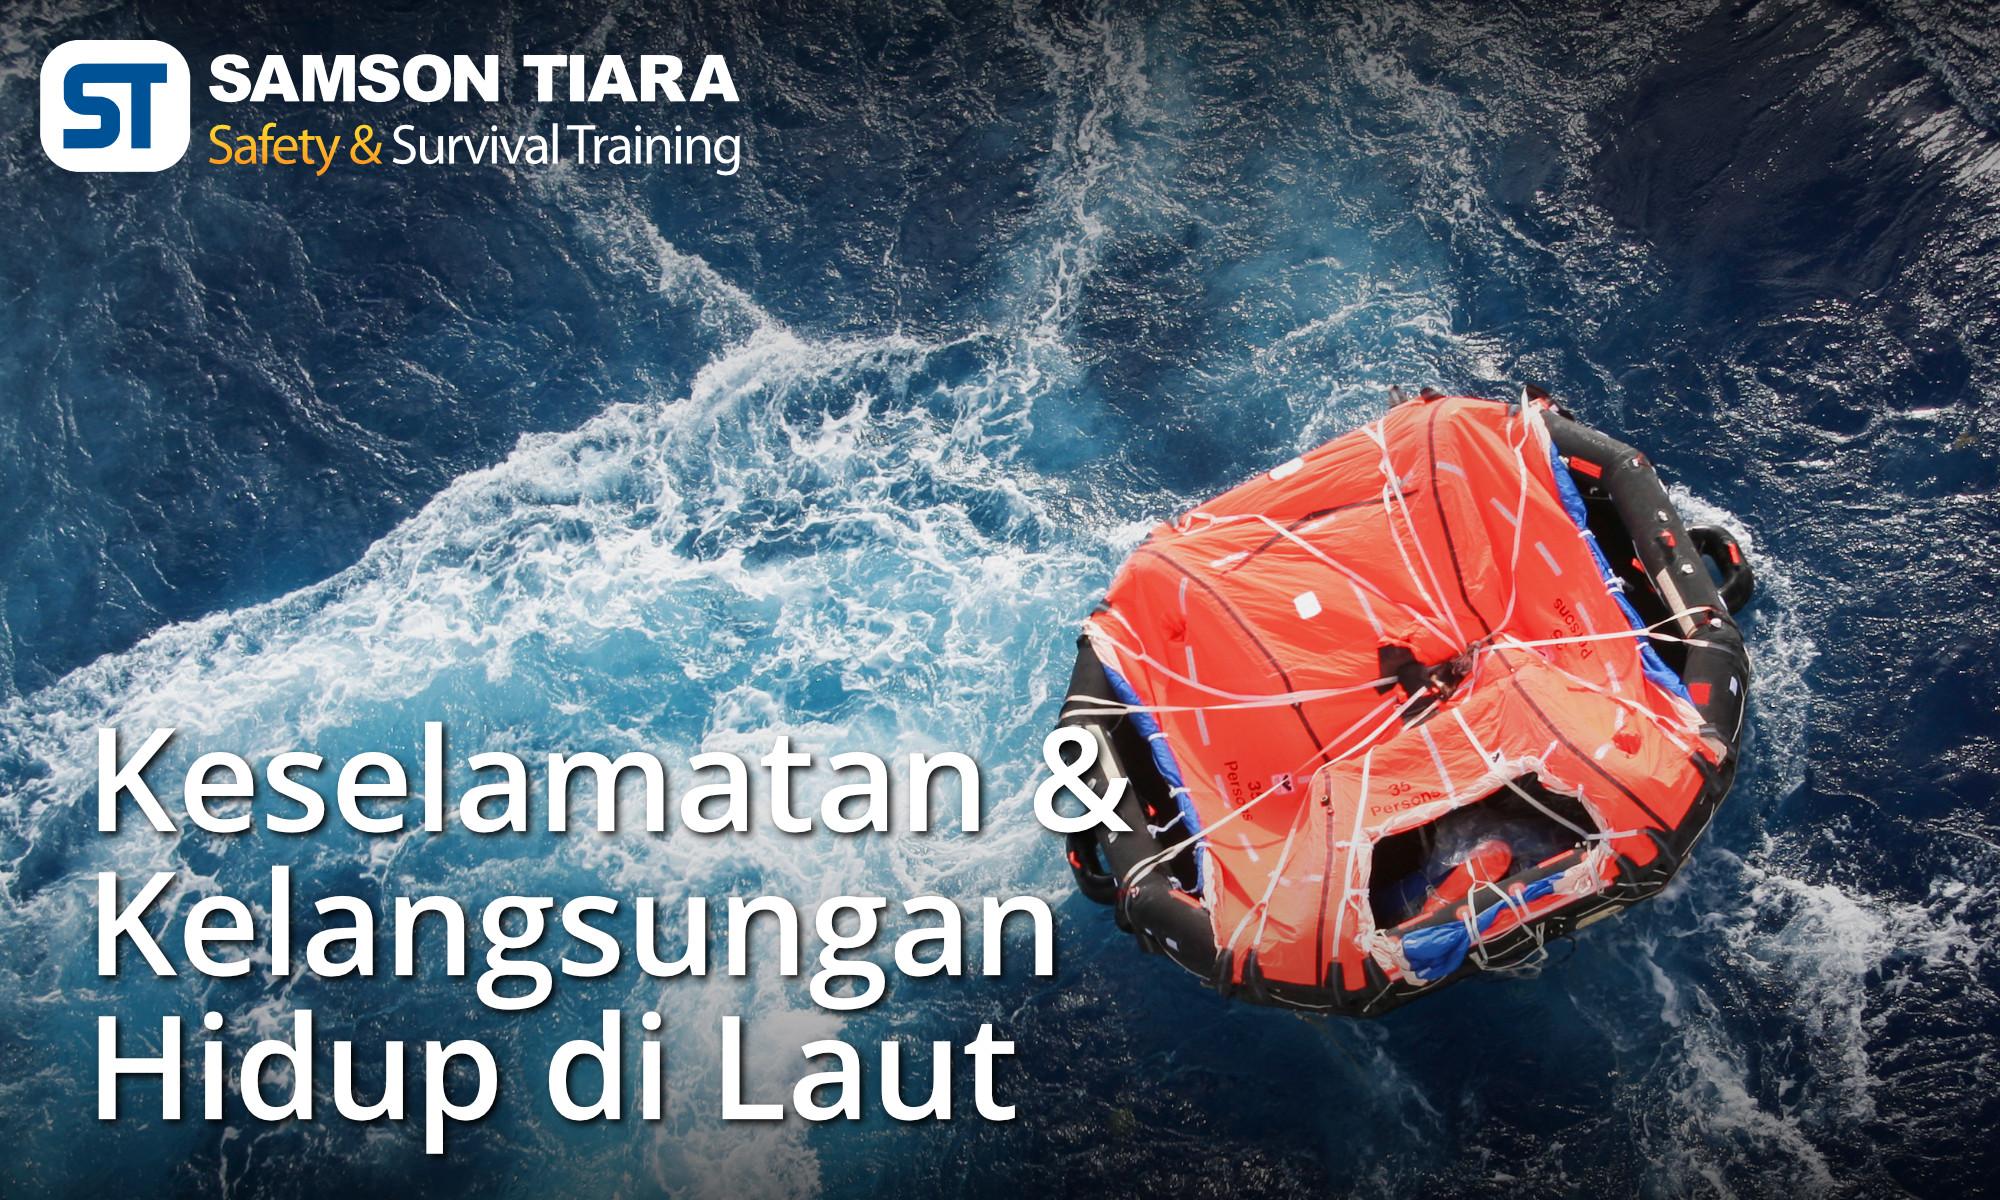 Keselamatan dan Kelangsungan Hidup di Laut